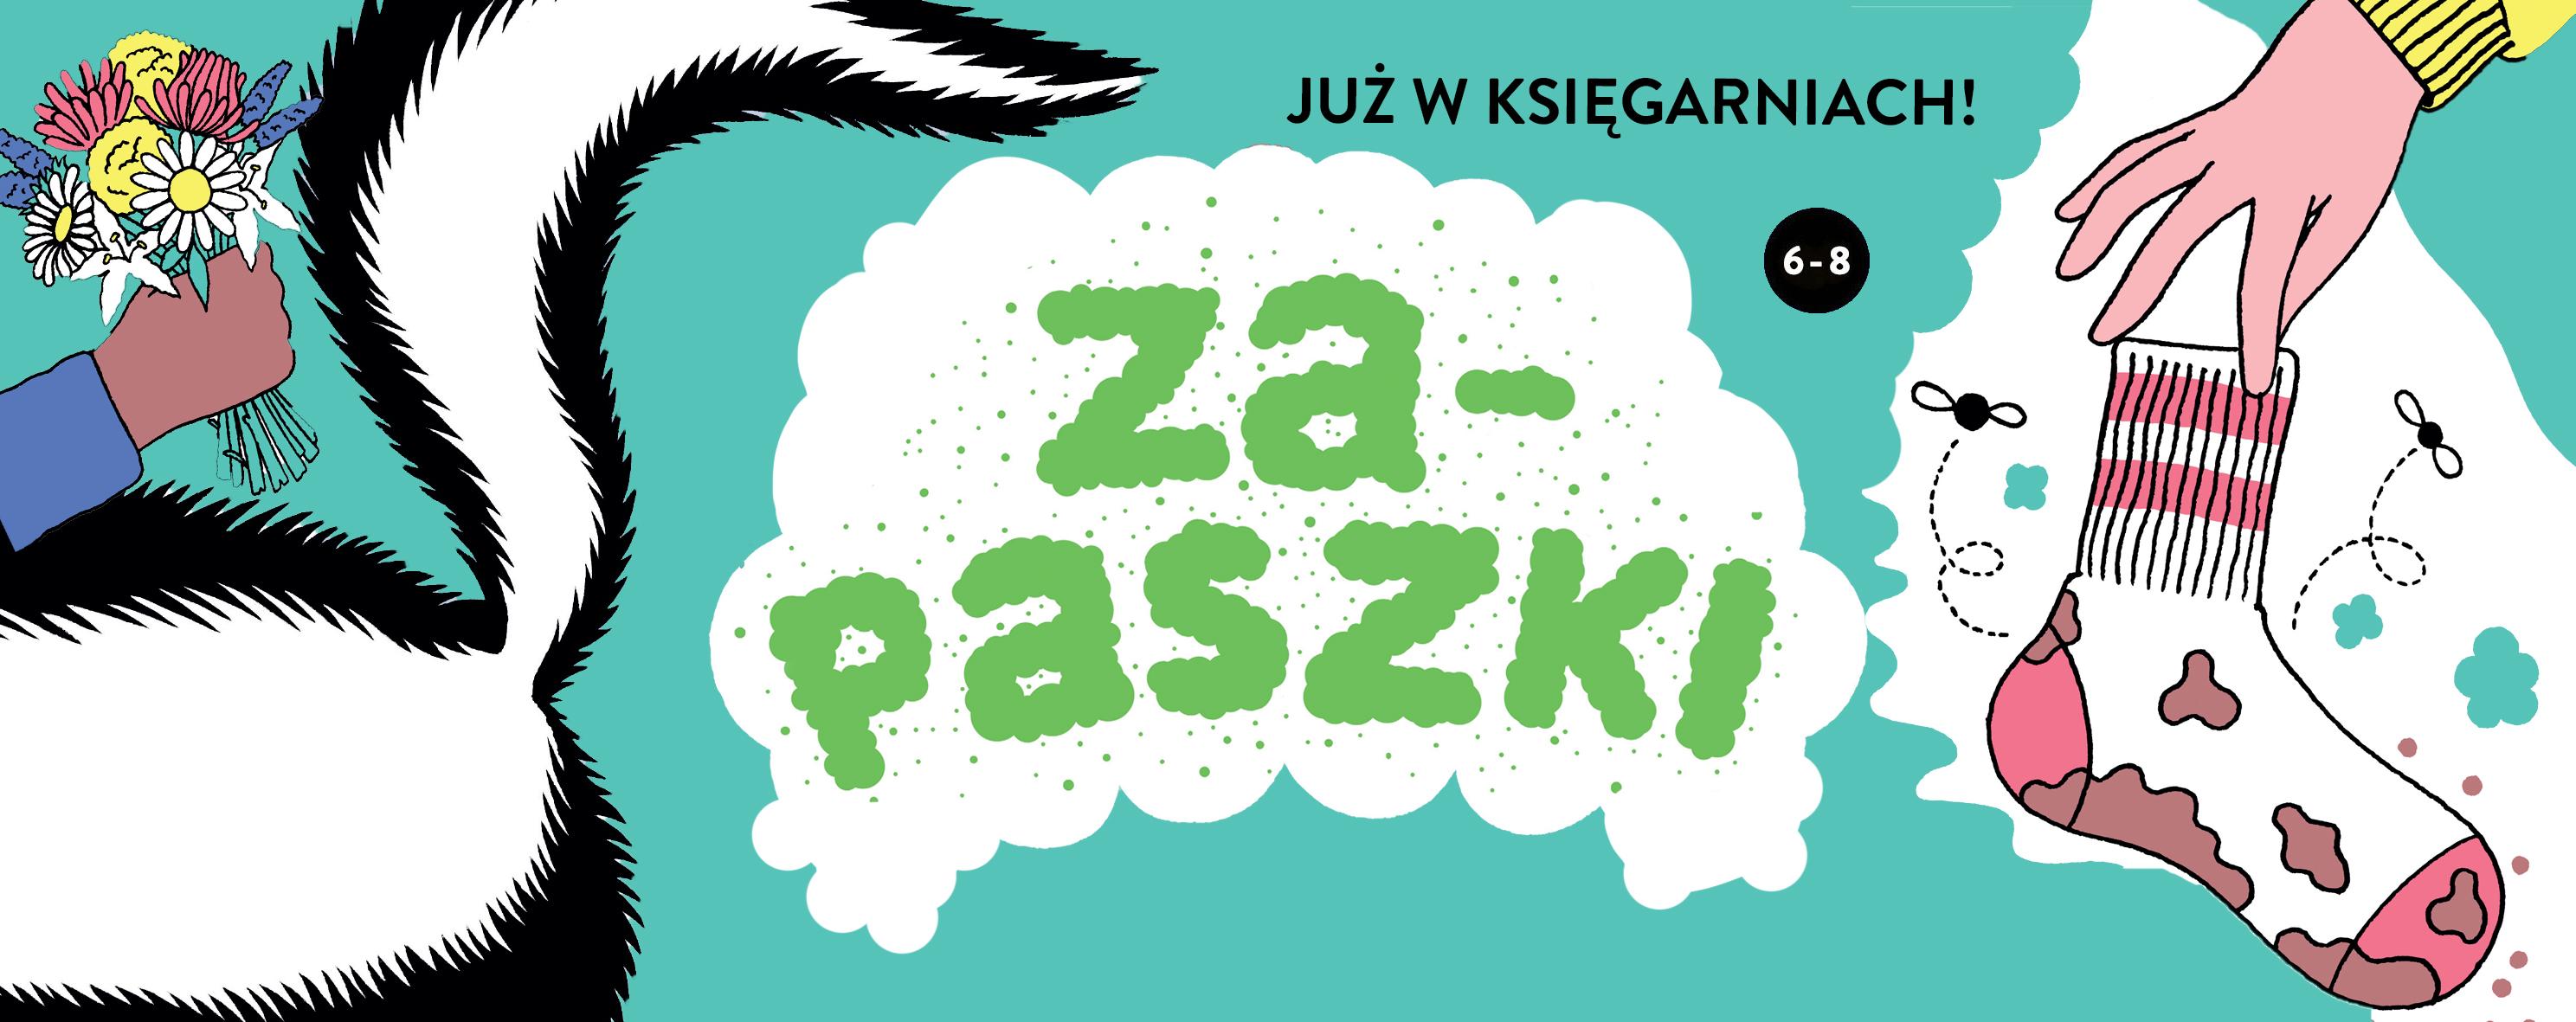 zapaszki_slajder.jpg